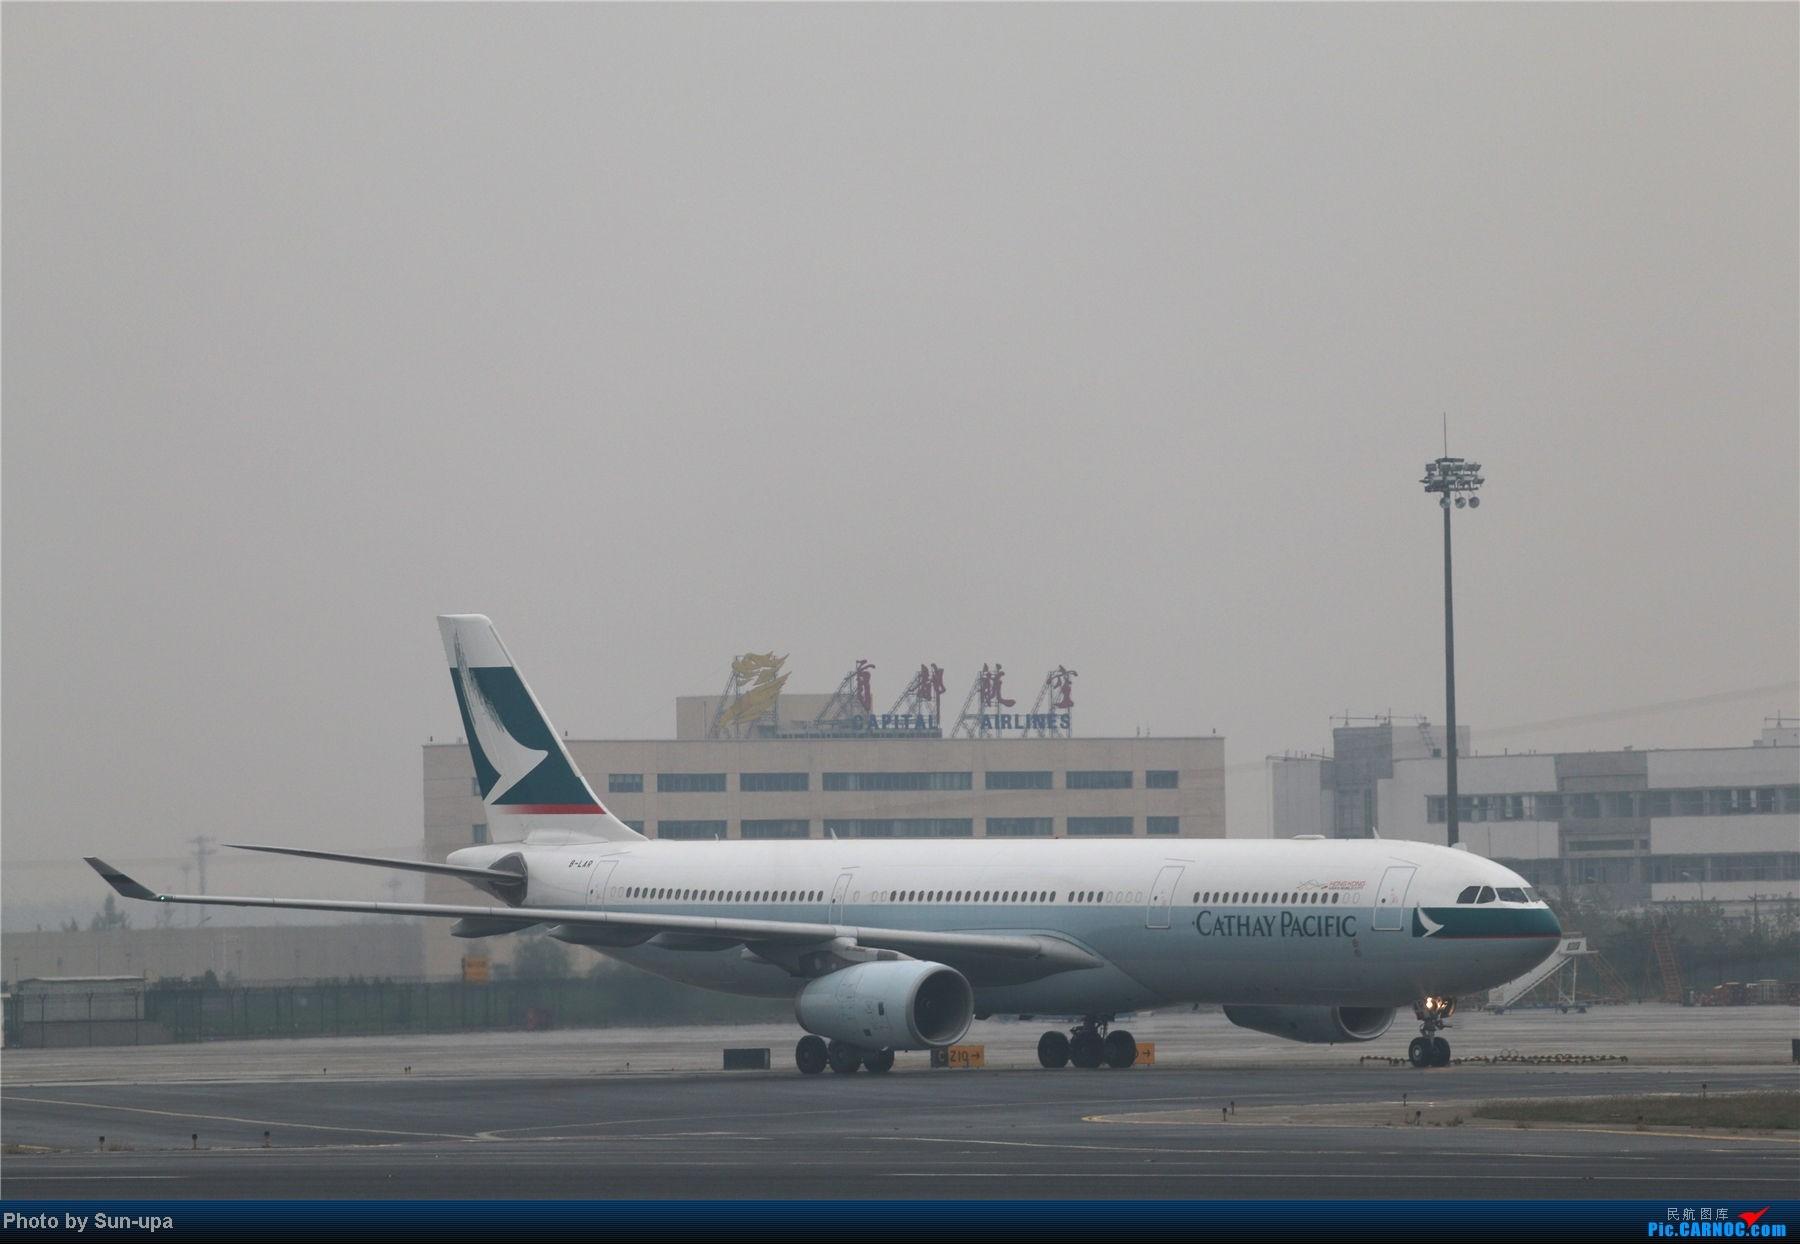 Re:[原创]冷雨天冒着雨拍了一下午 终于等到国航747-8 还有很多好货 AIRBUS A330-300 B-LAR 中国北京首都机场